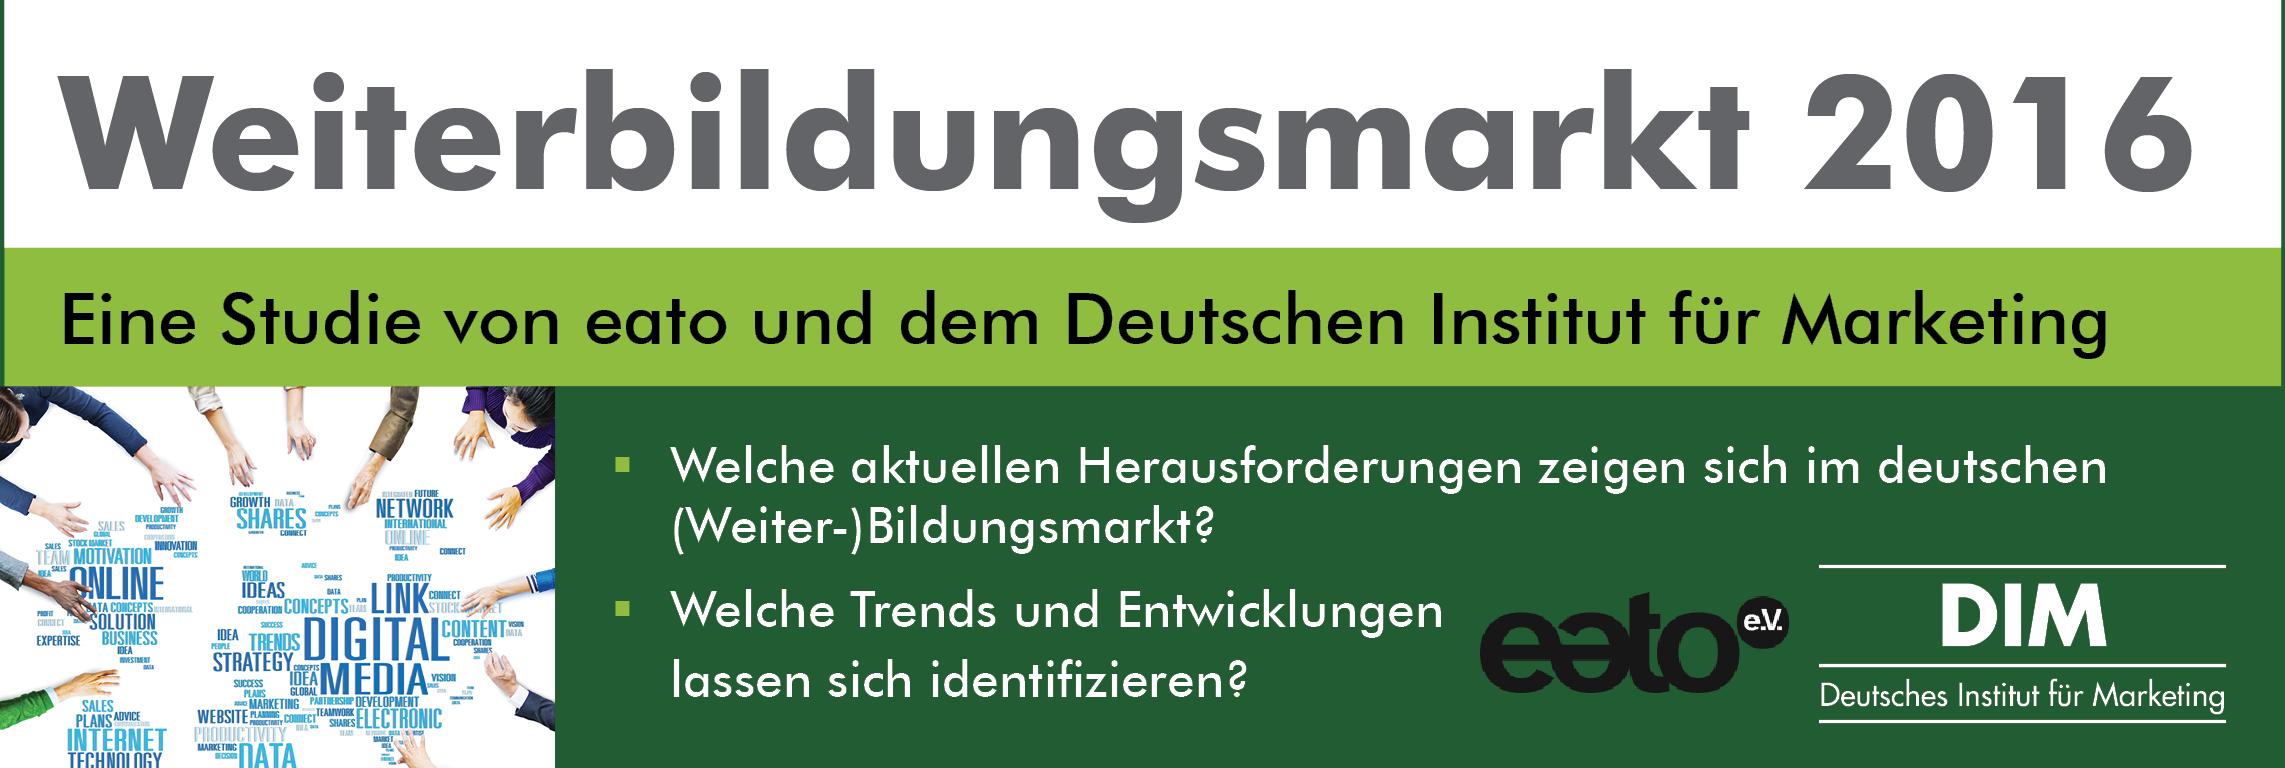 Studie Weiterbildungsmarkt 2016